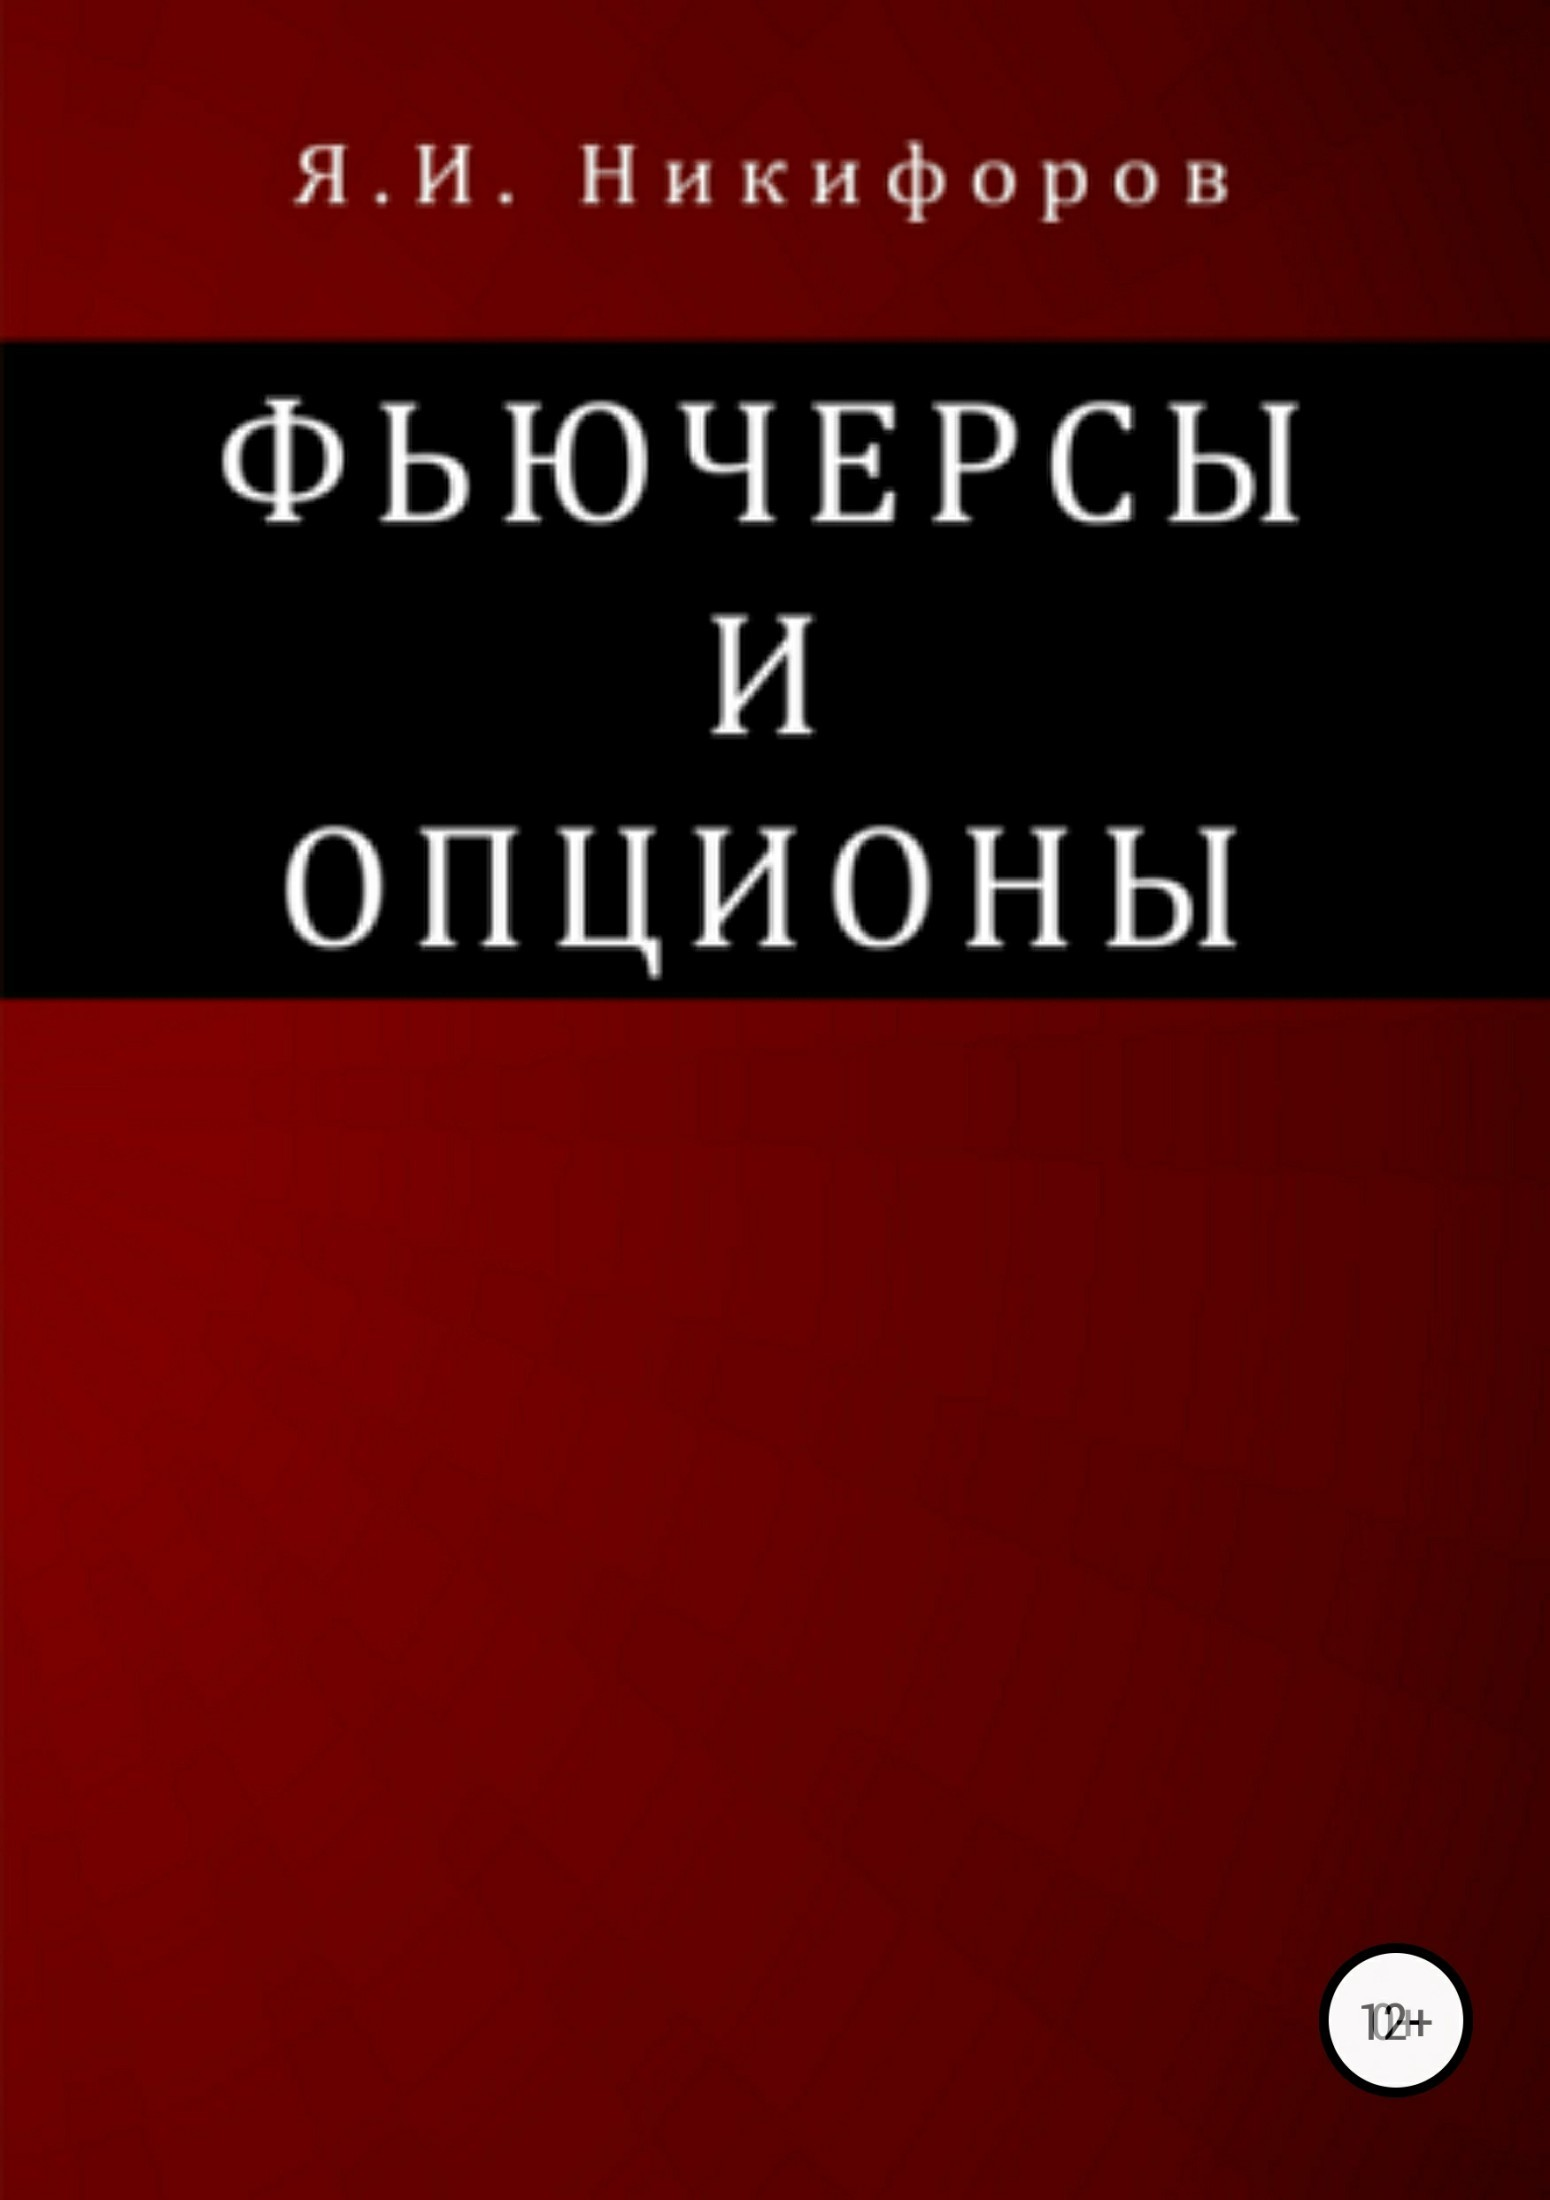 Обложка книги. Автор - Ян Никифоров